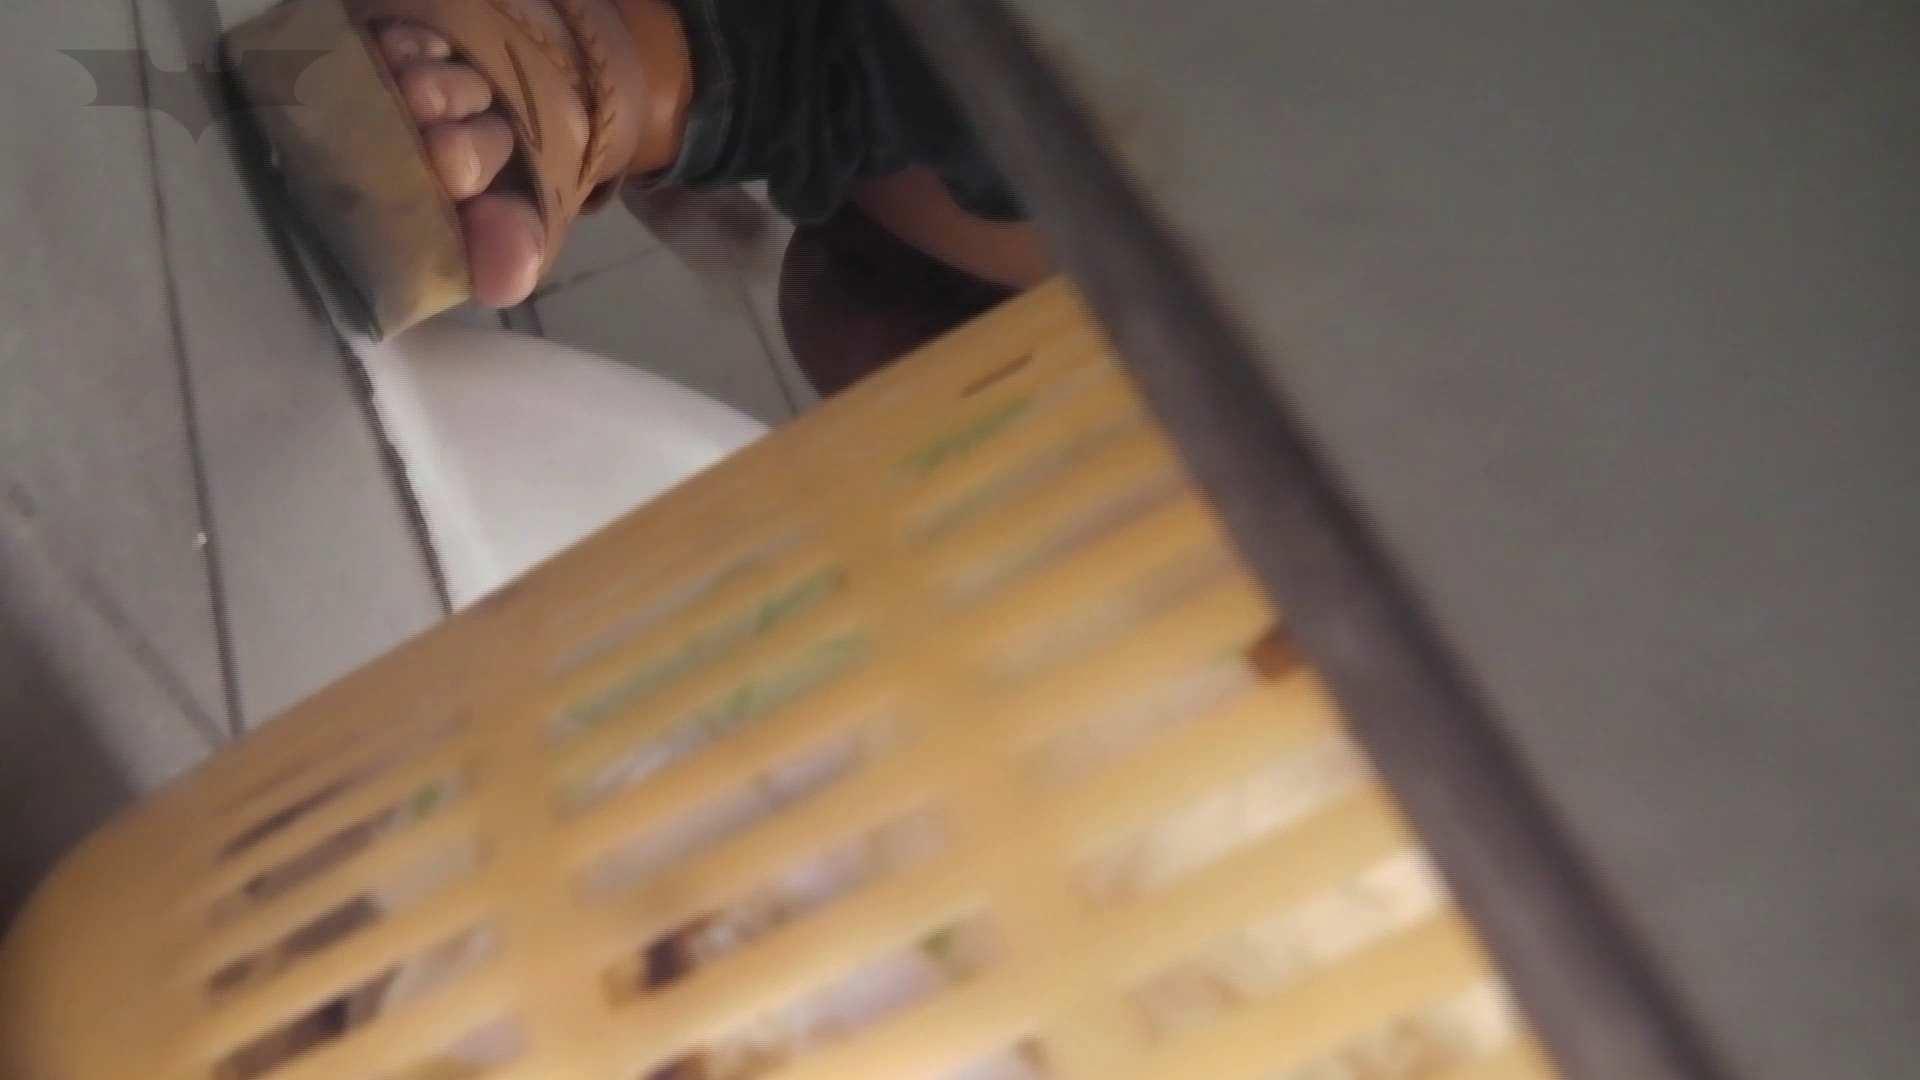 潜入!!台湾名門女学院 Vol.04 二ケツ同時撮り!! 盗撮映像大放出 | エロくん潜入  67連発 17